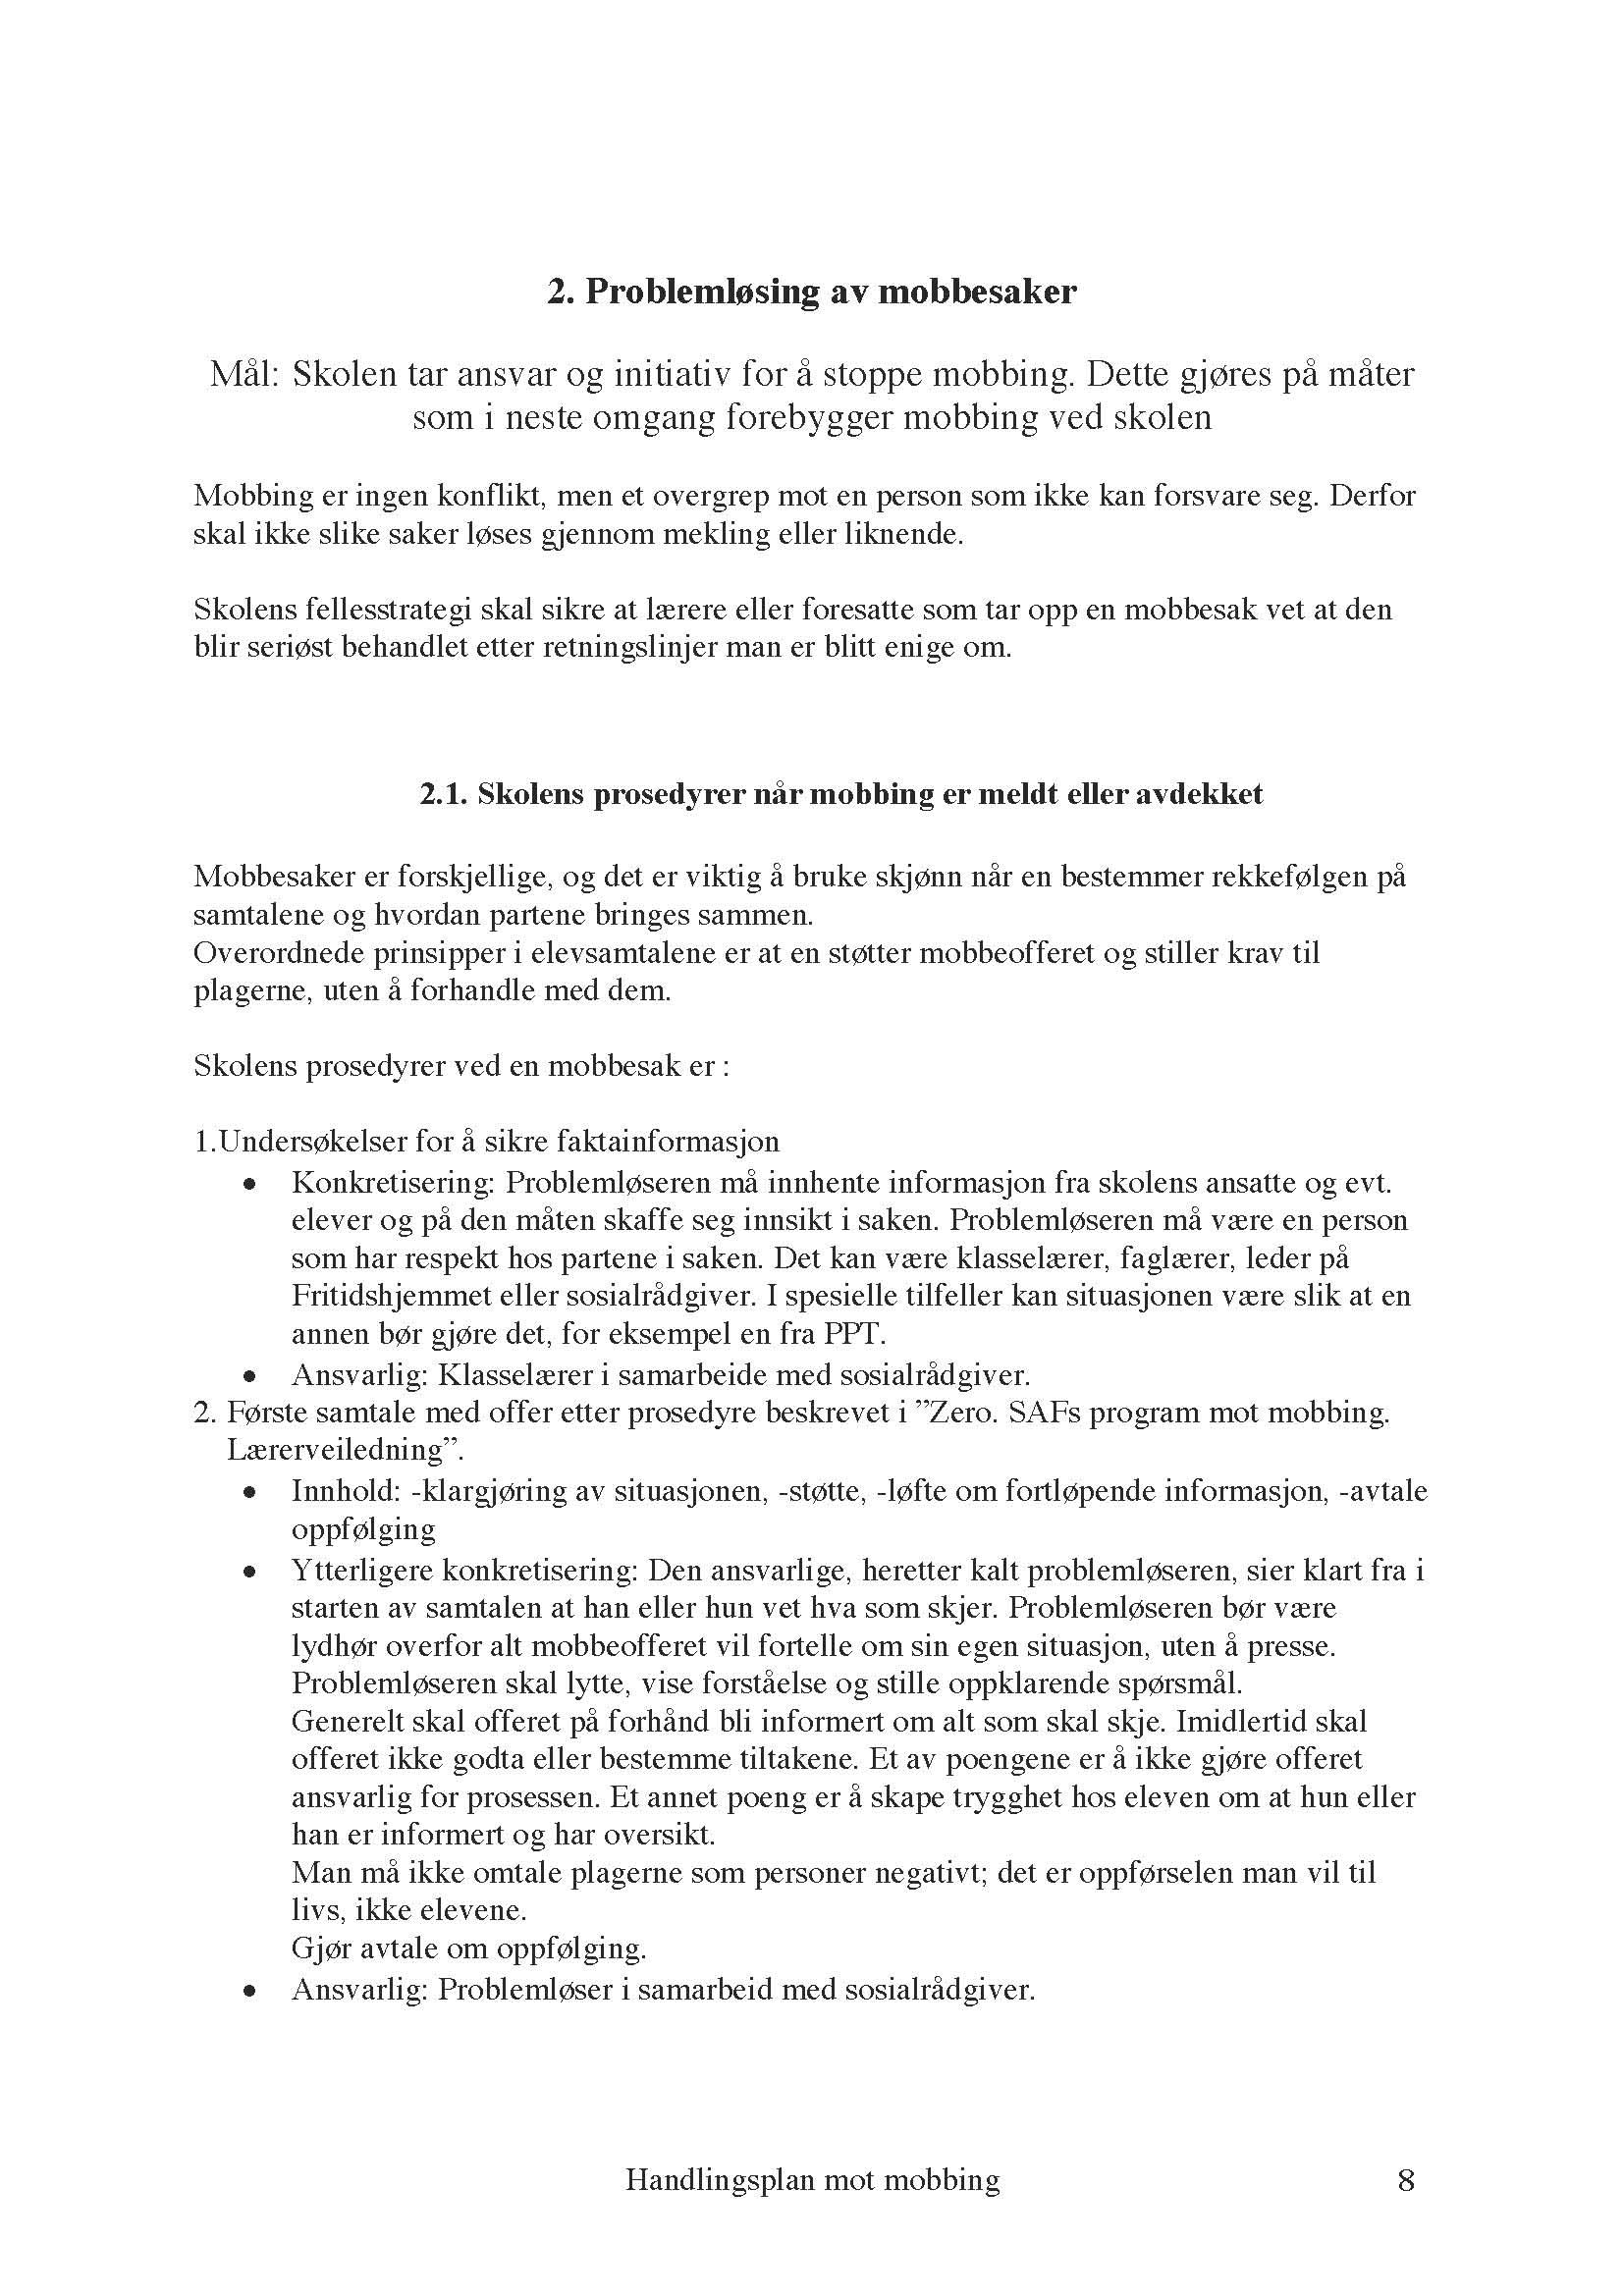 Handlingsplan mot mobbing _Page_08.jpg